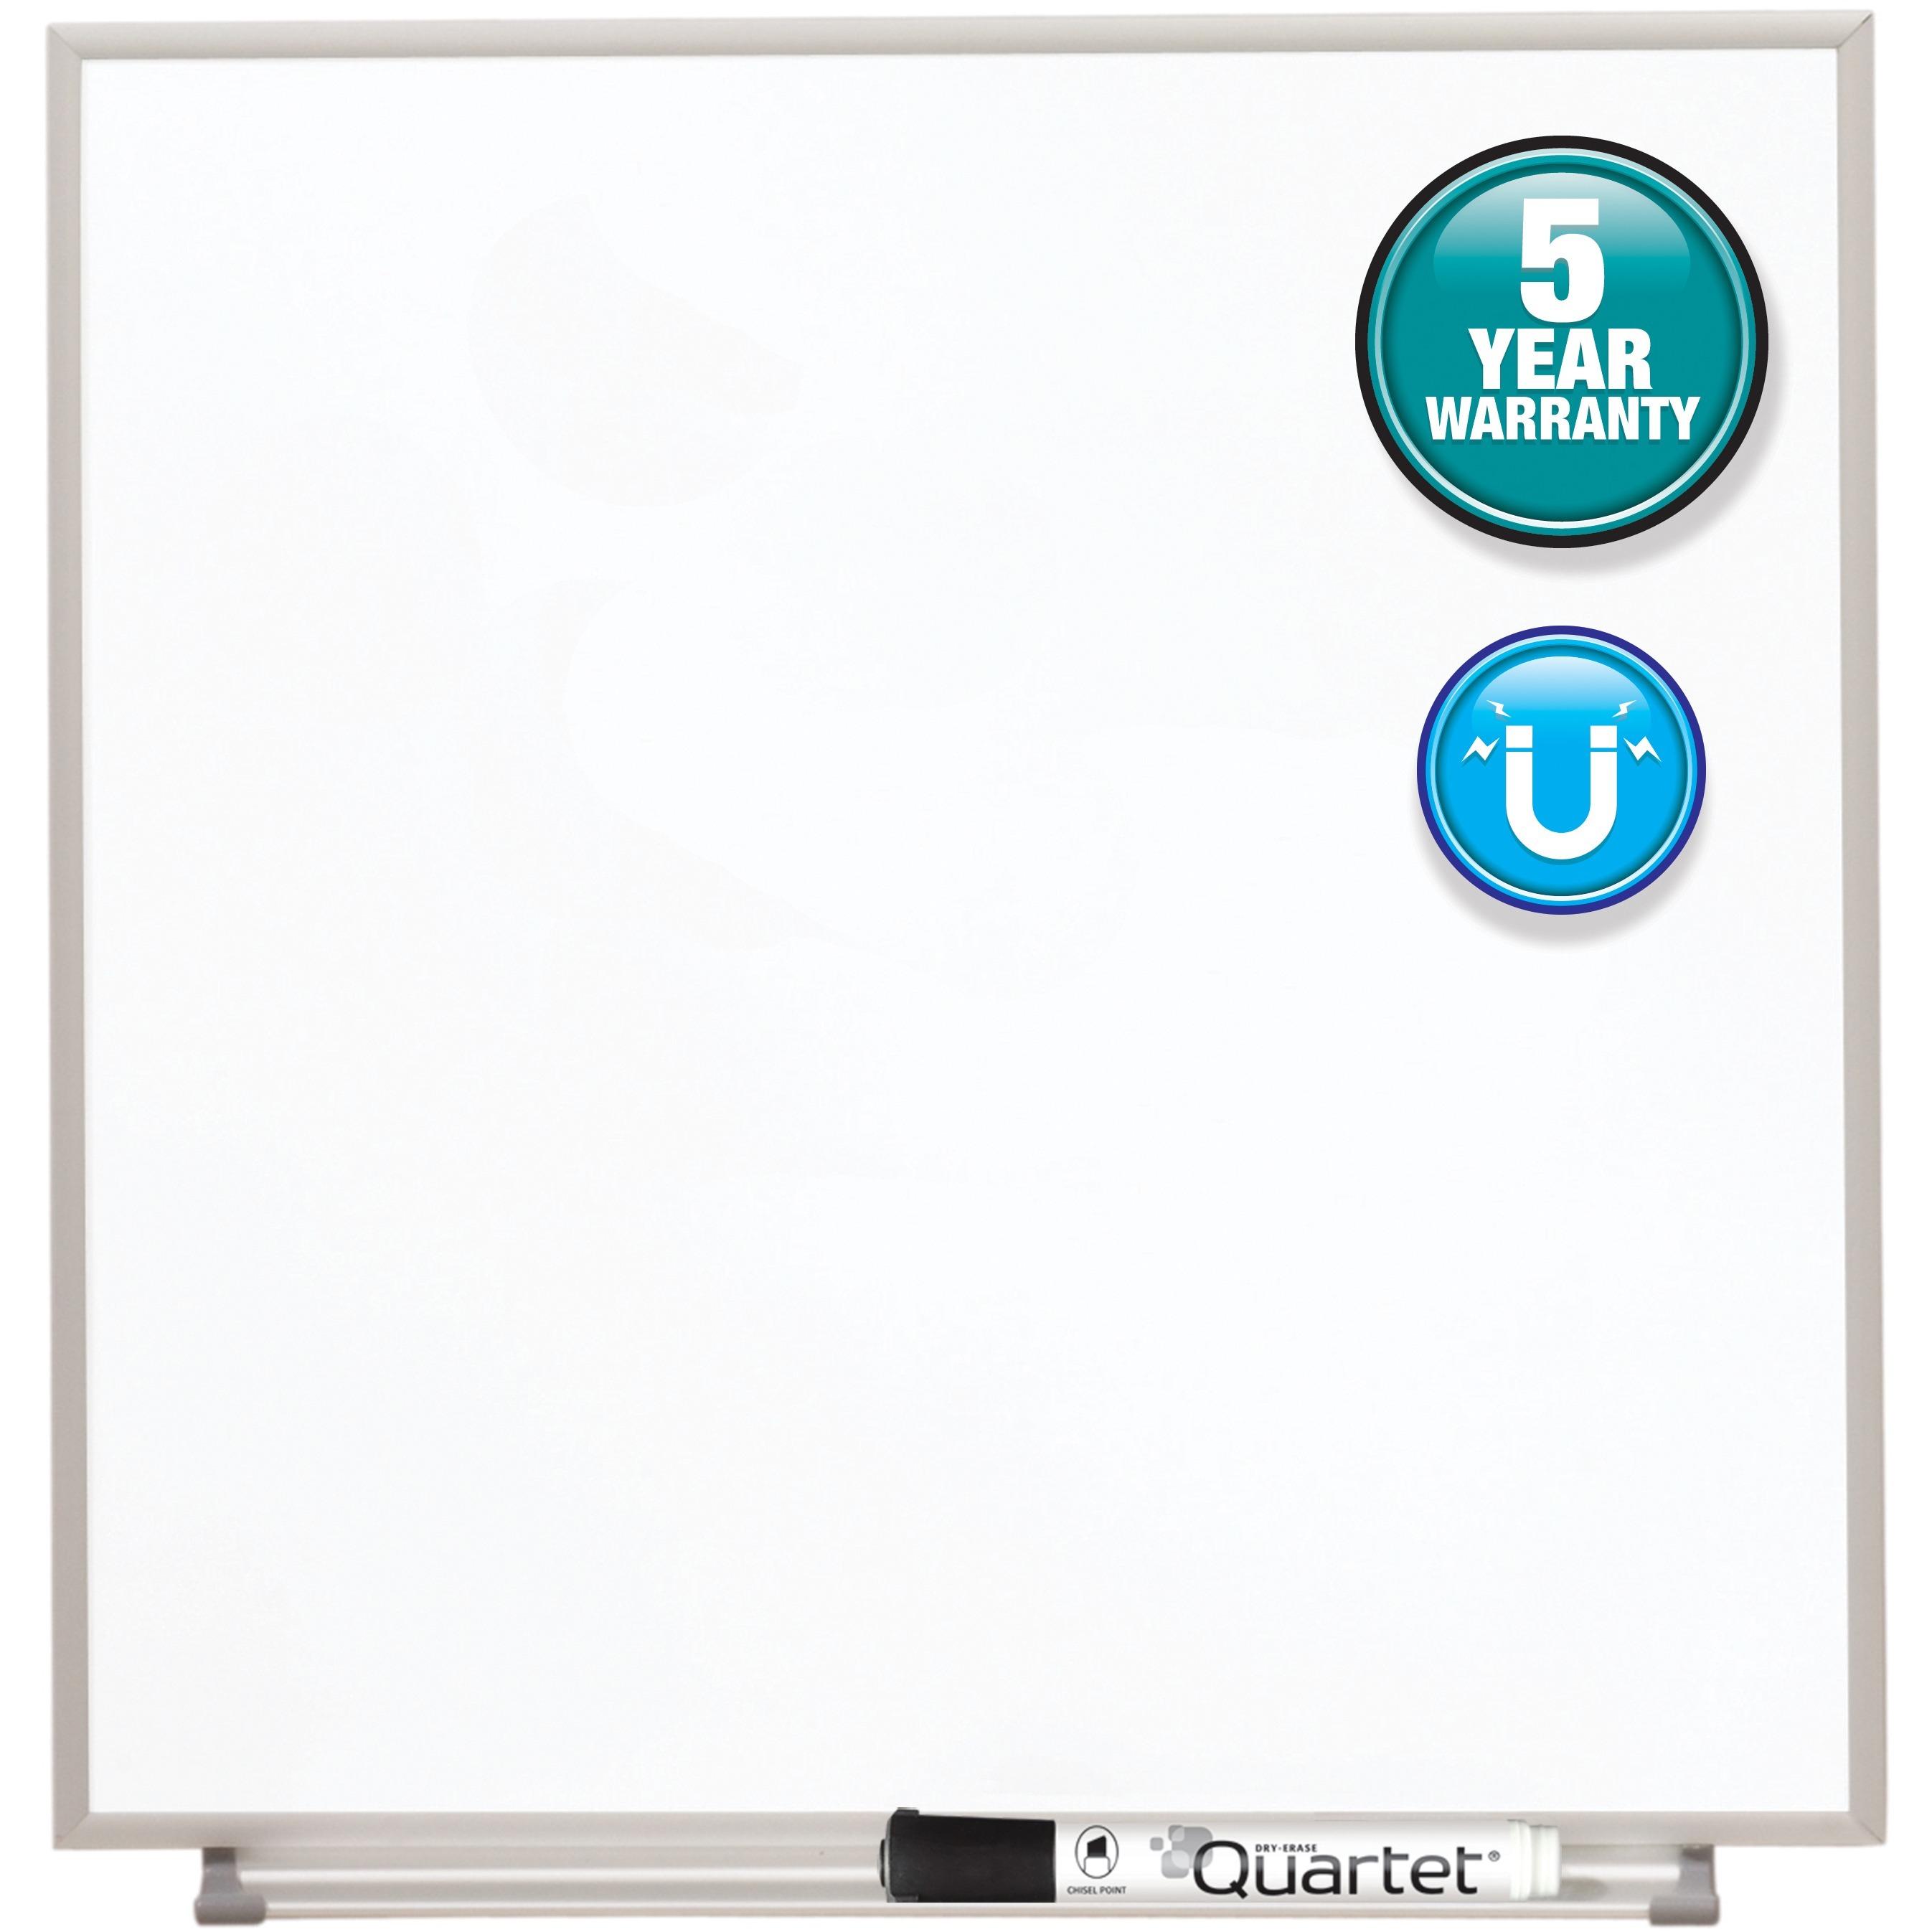 Quartet, QRTM1616, Matrix Aluminum Frame Magnetic Whiteboard, 1 Each